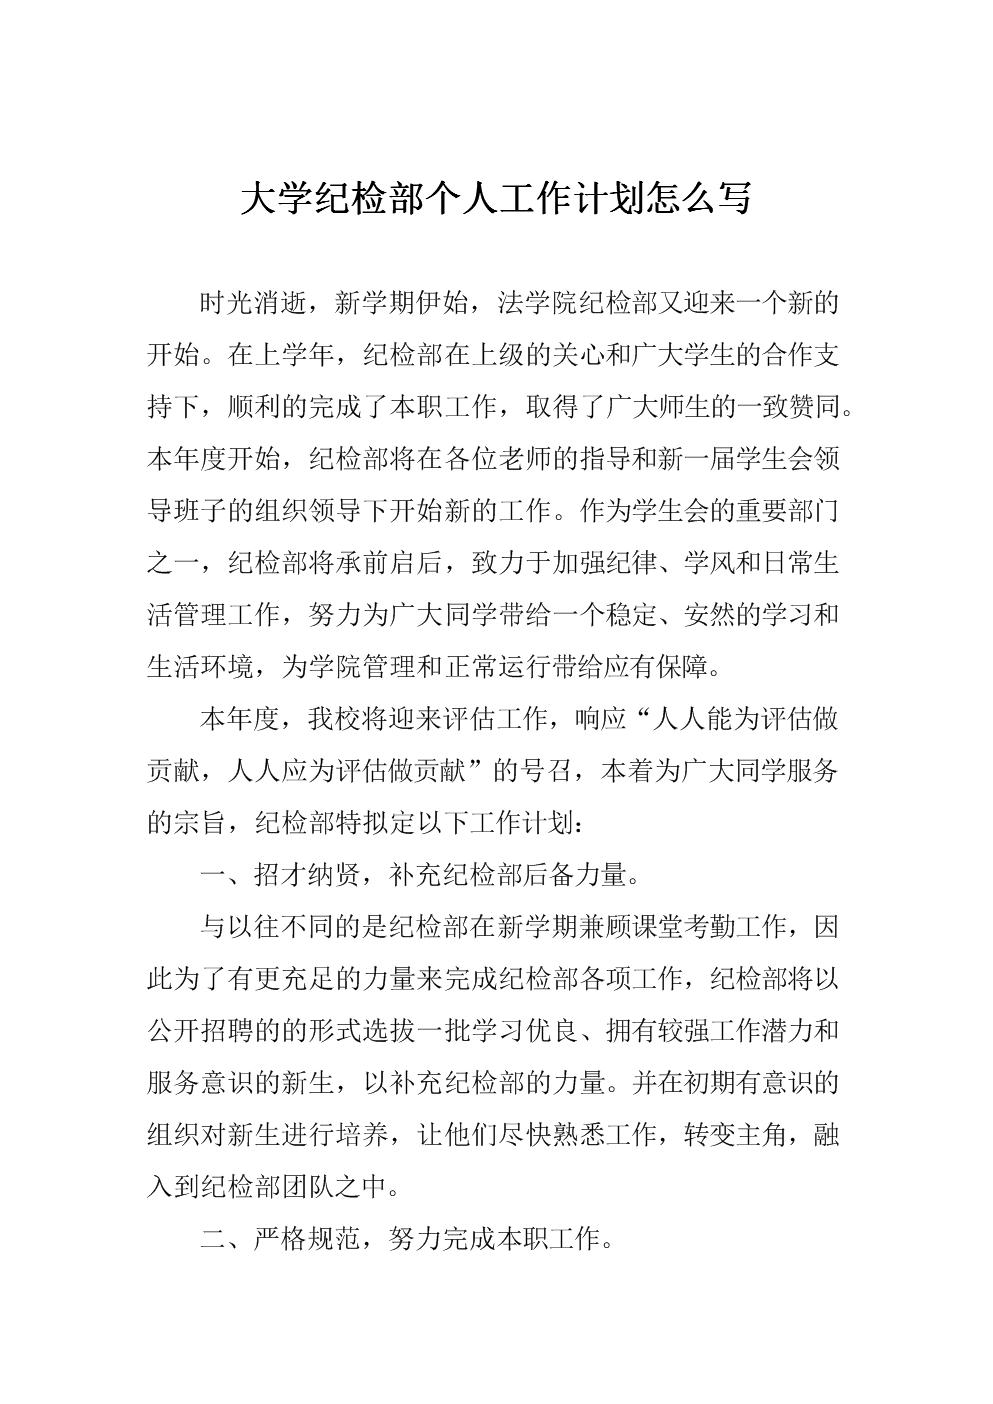 大学纪检部个人工作计划.doc